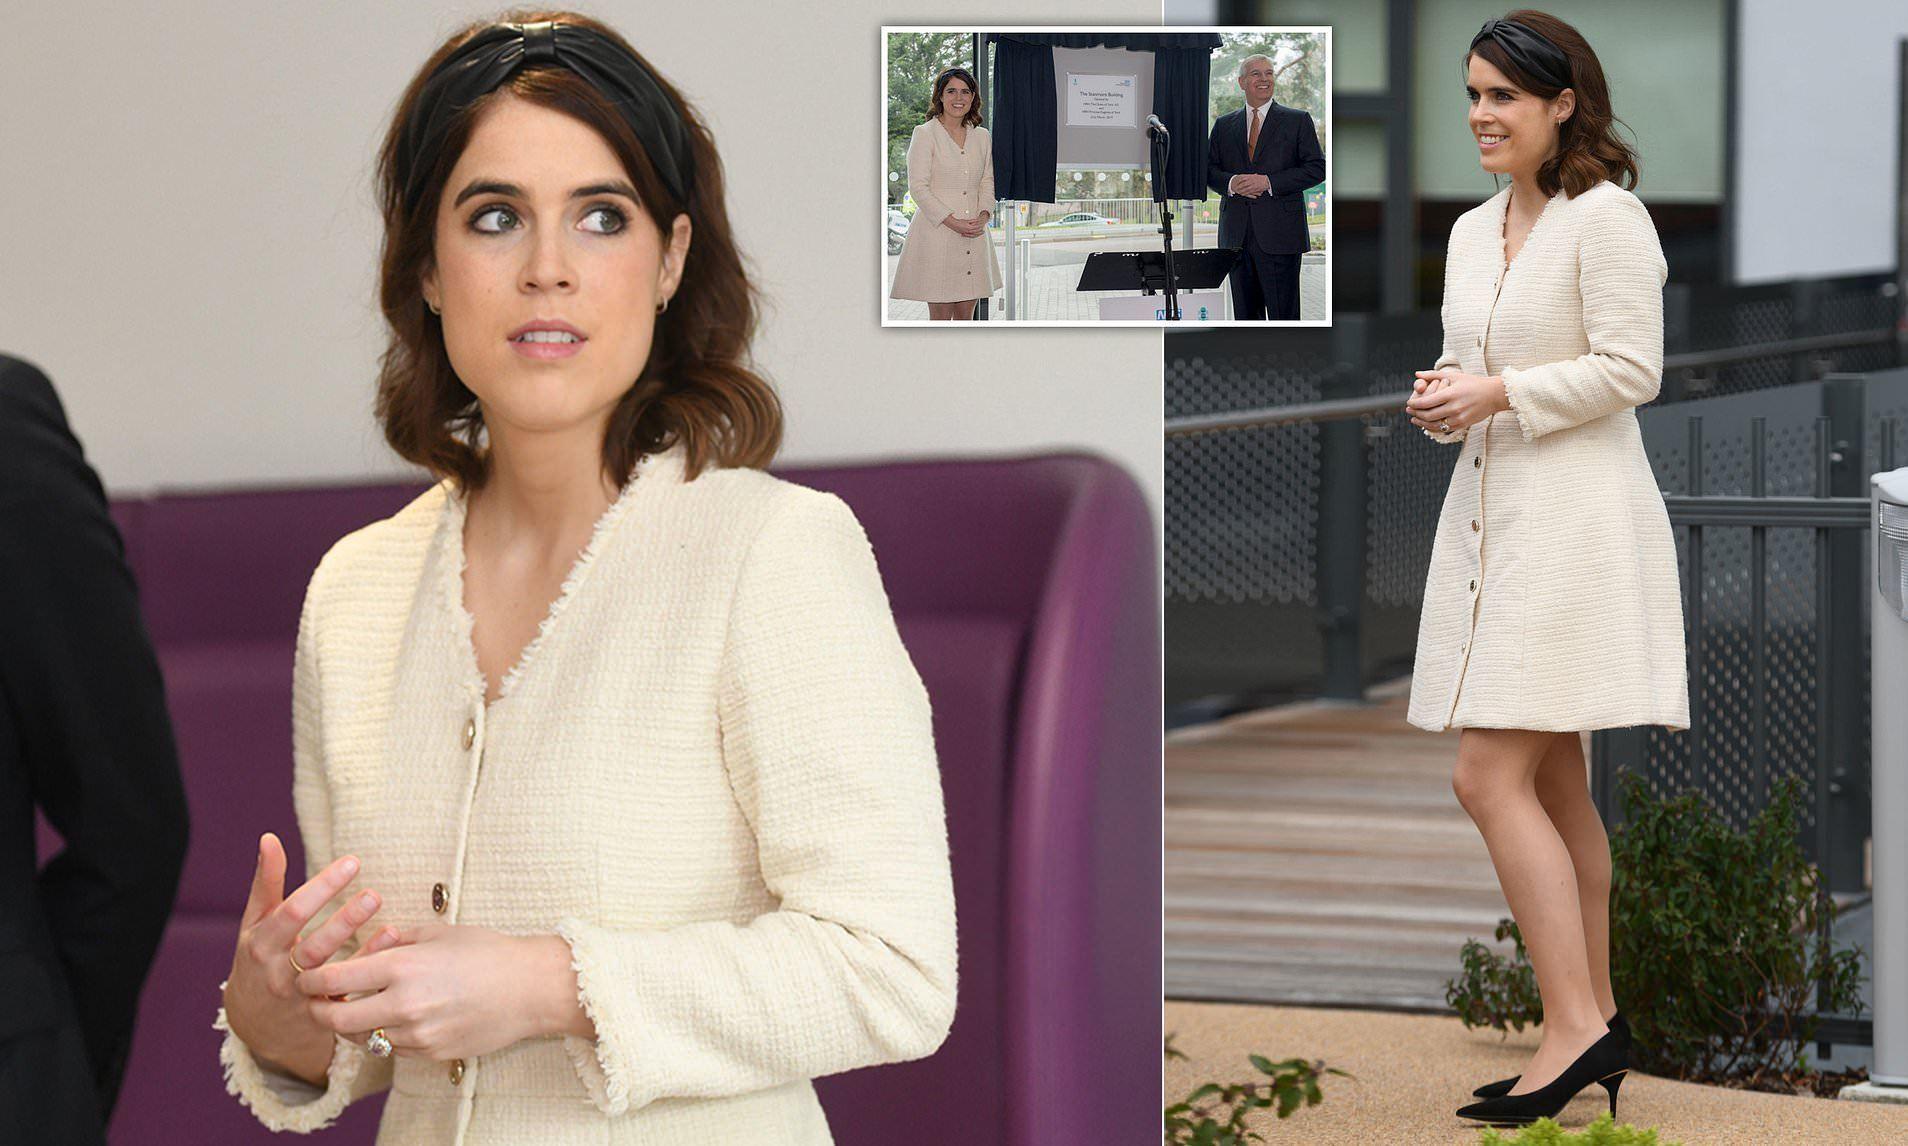 英国尤金妮公主这次美得高调!一身白裙和新婚丈夫亮相气质又高级